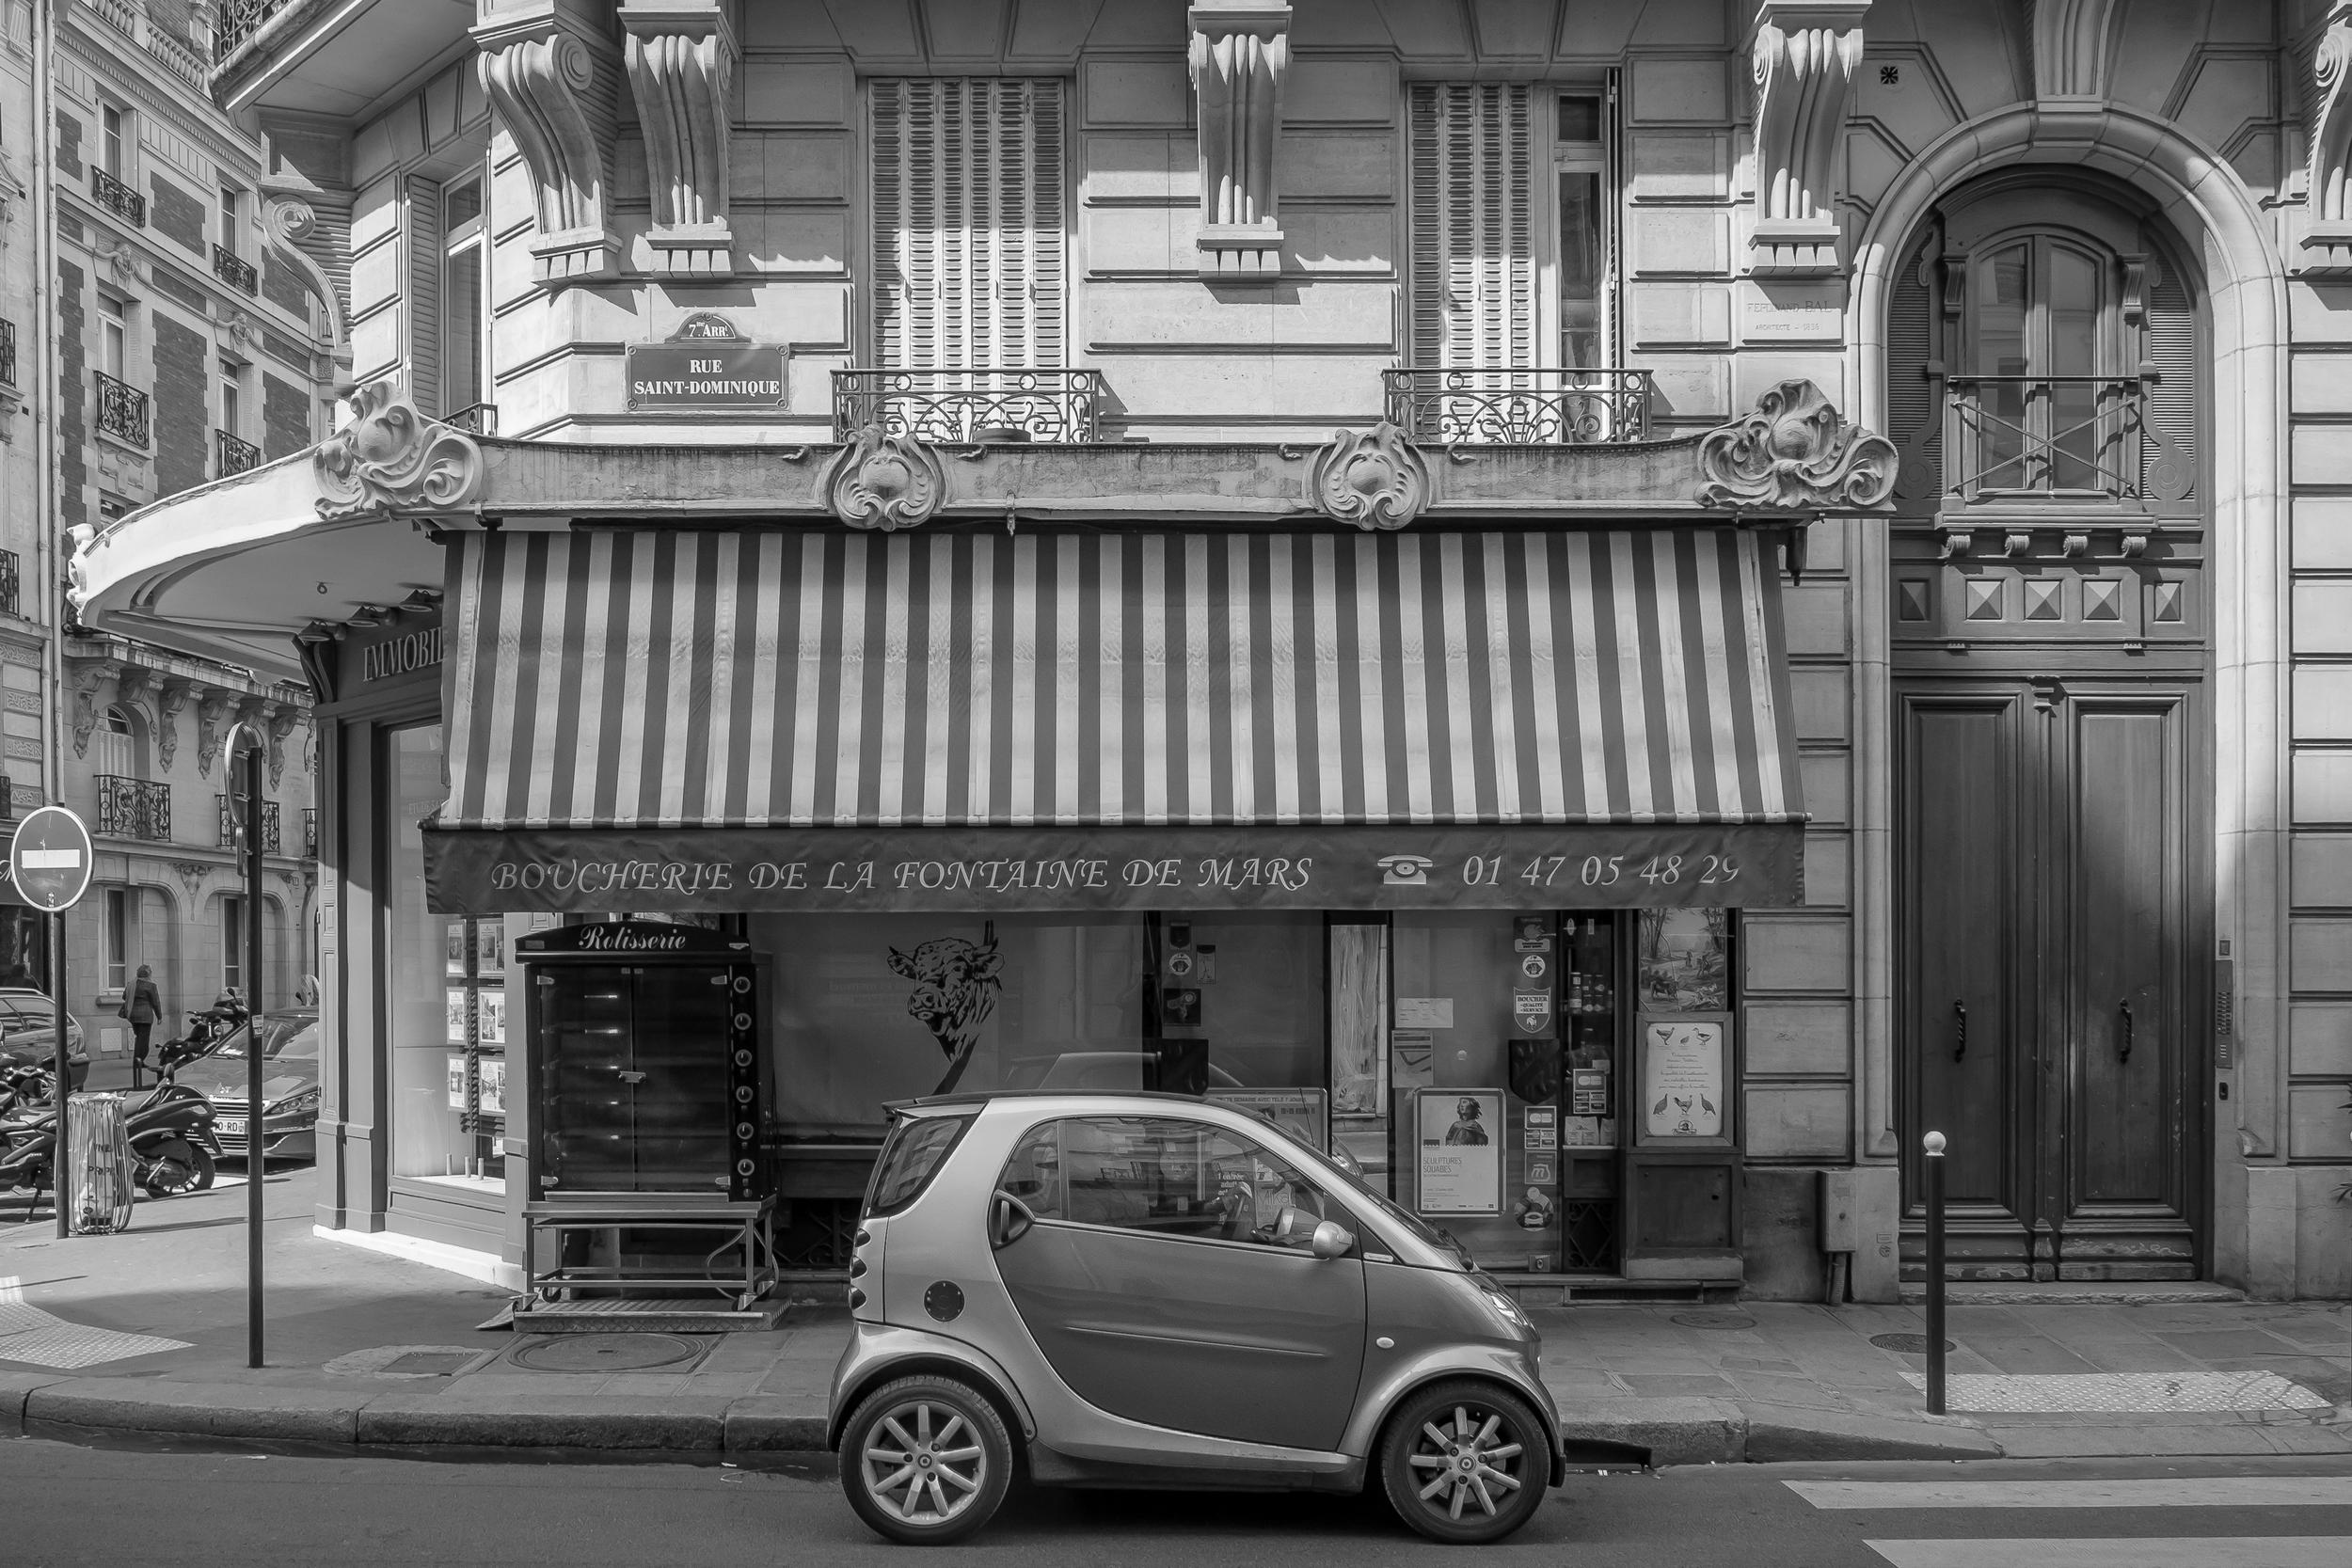 Boucherie and Smart Car, Rue Saint-Dominique